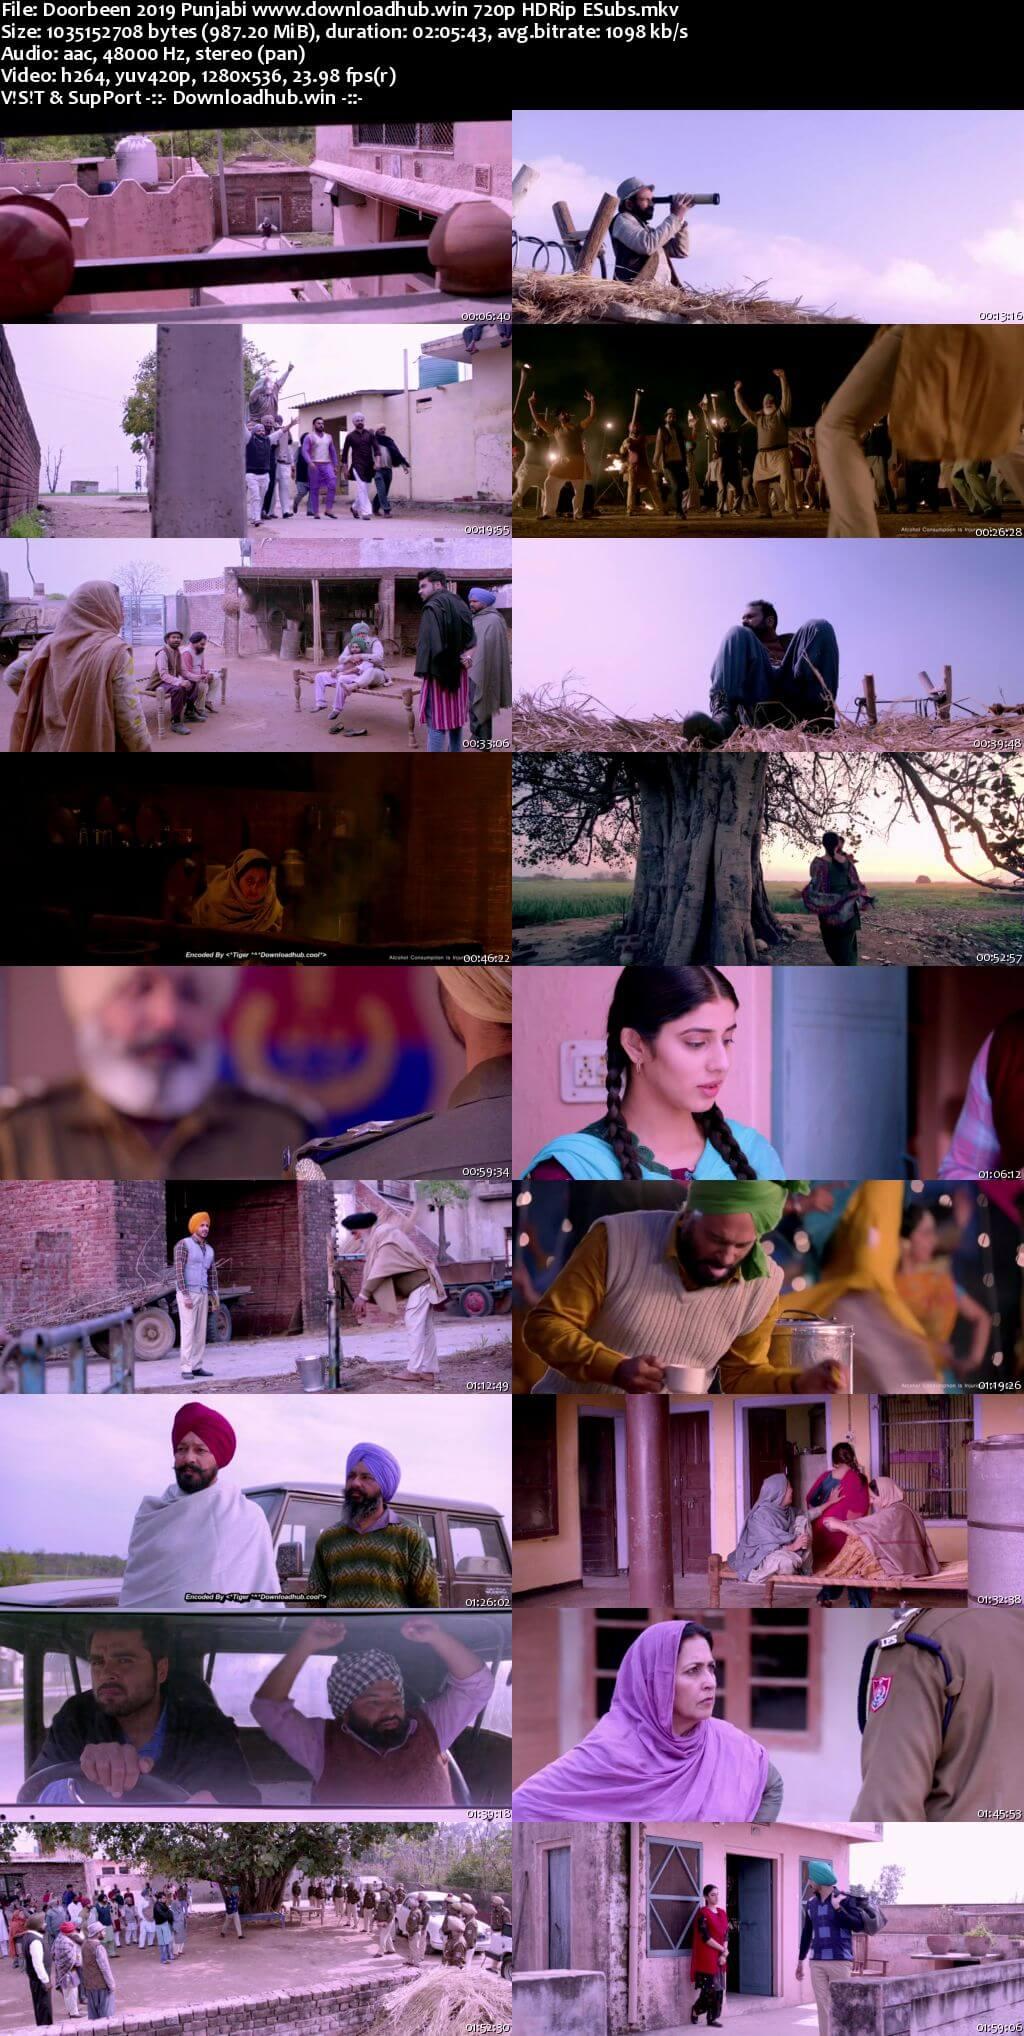 Doorbeen 2019 Punjabi 720p HDRip ESubs